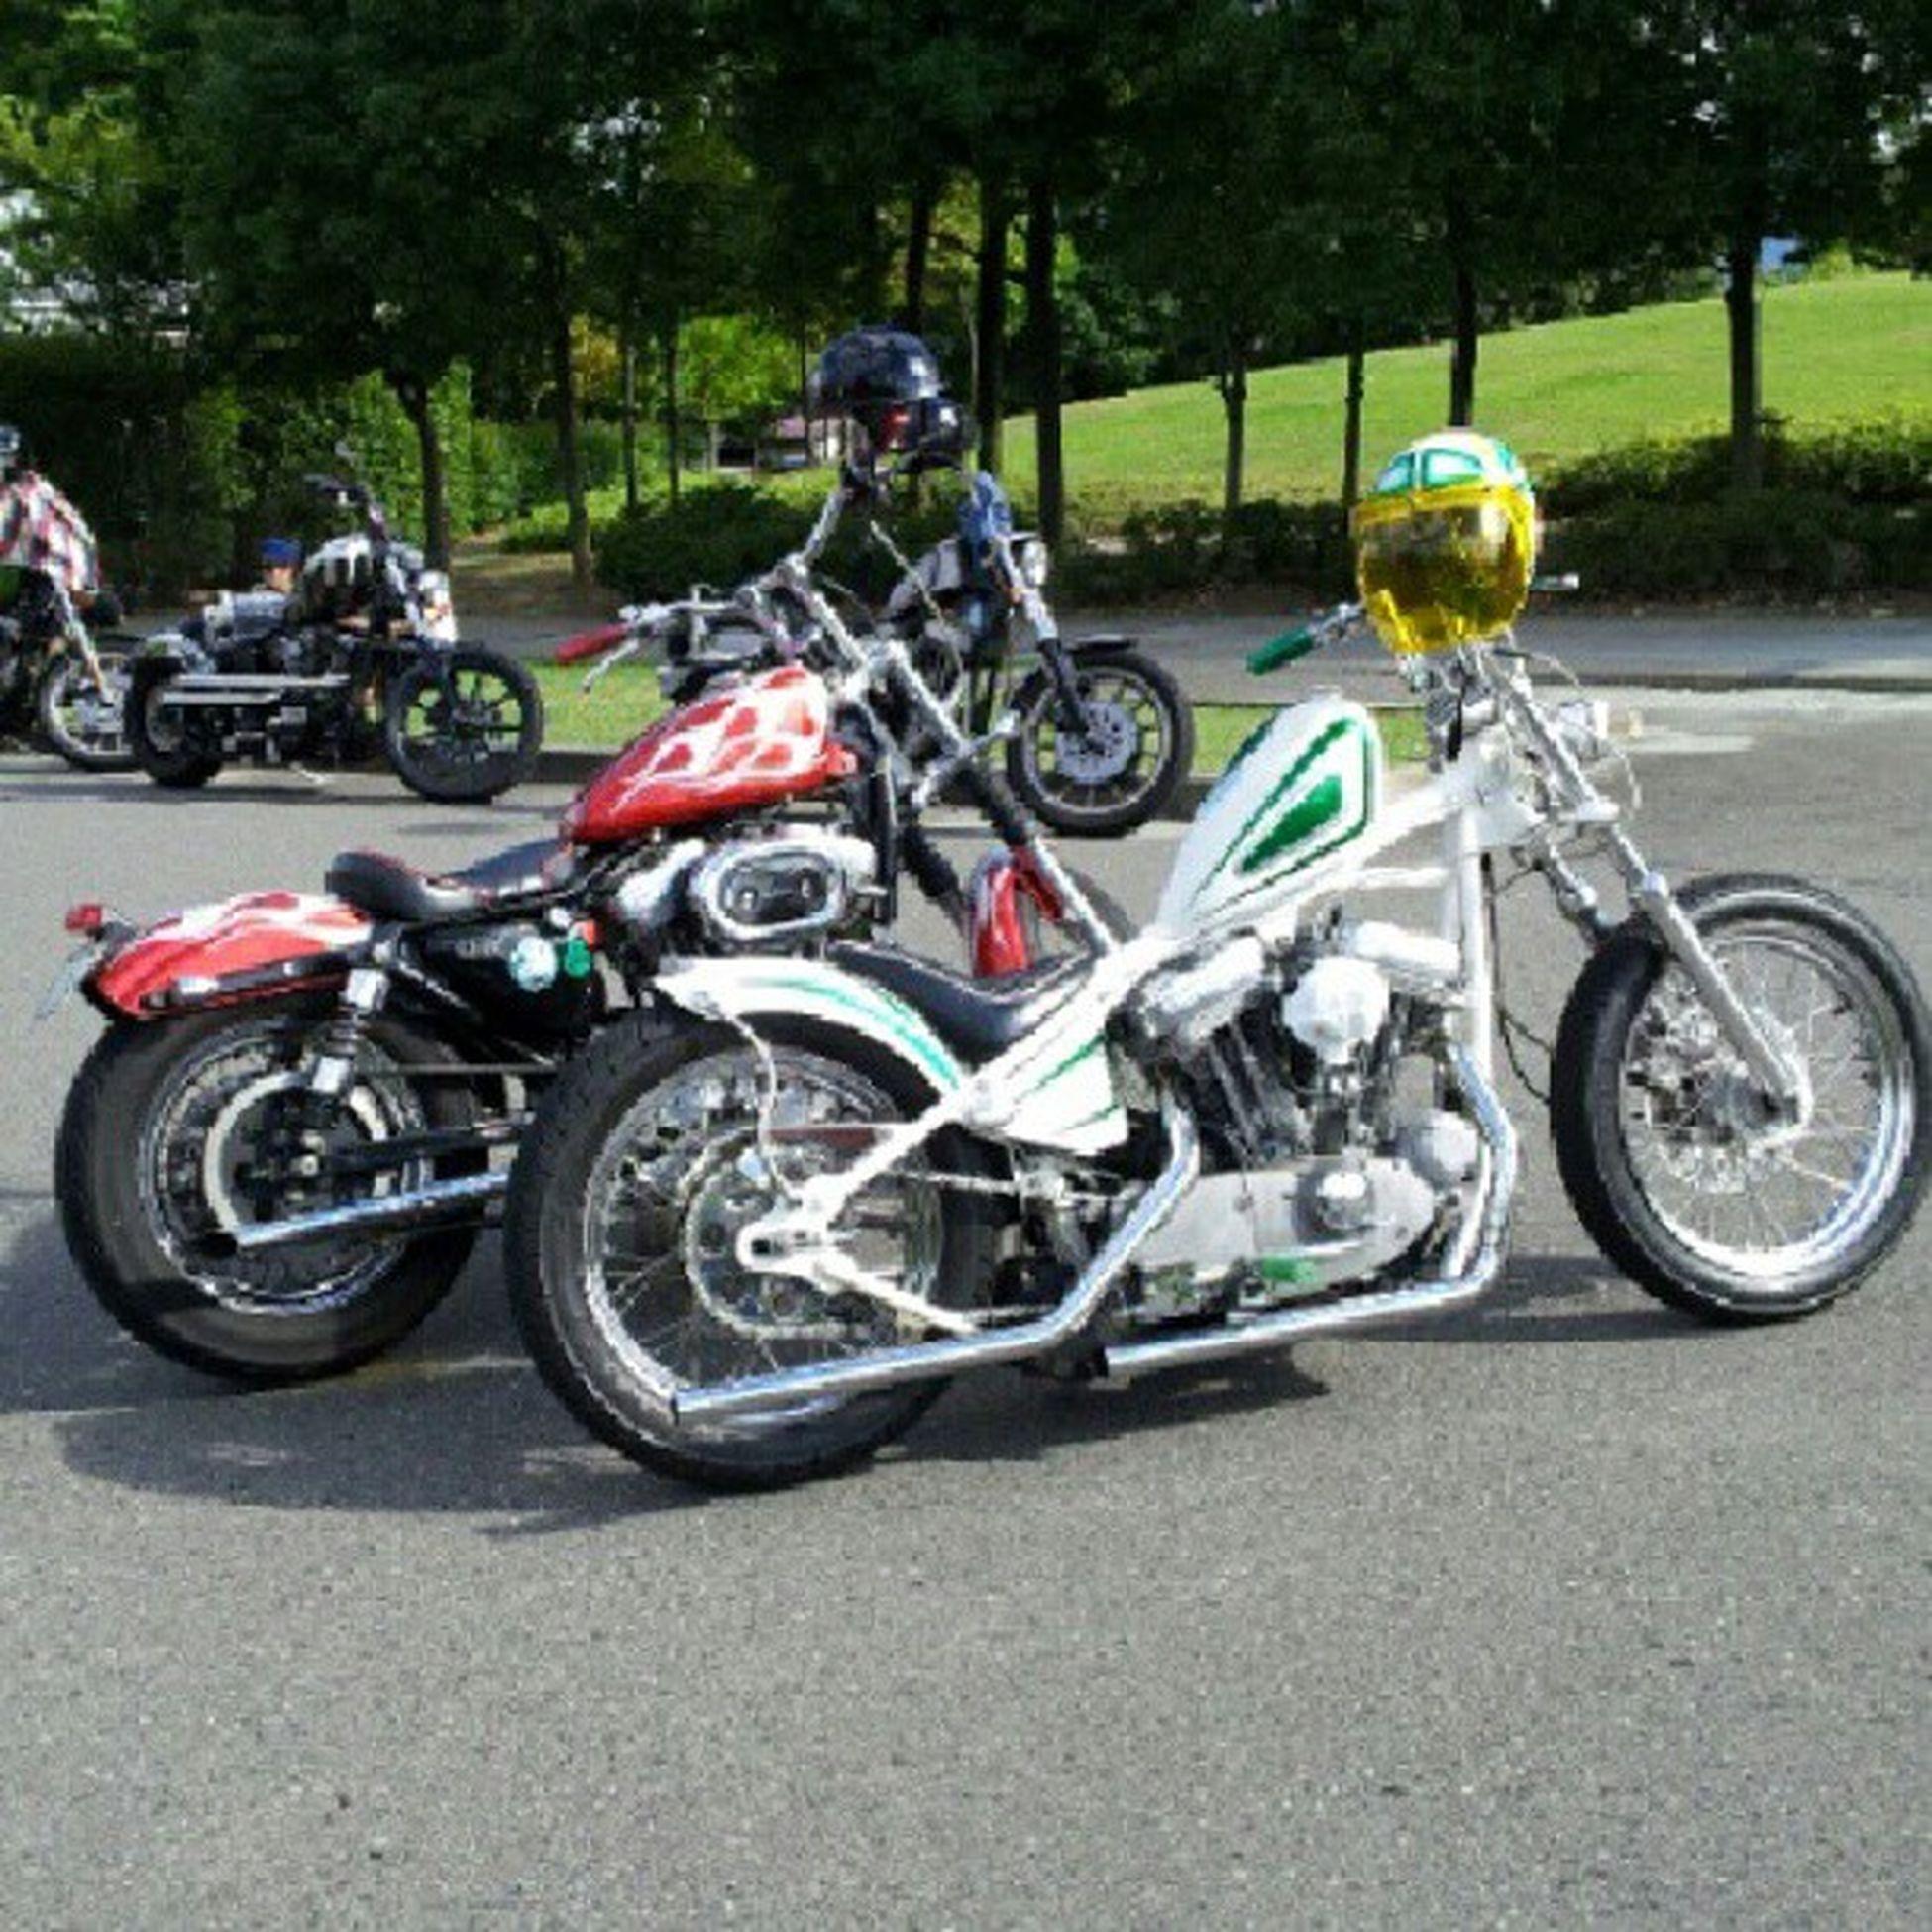 super weekend parking Harleydavidson Sportser Chopper Bobber